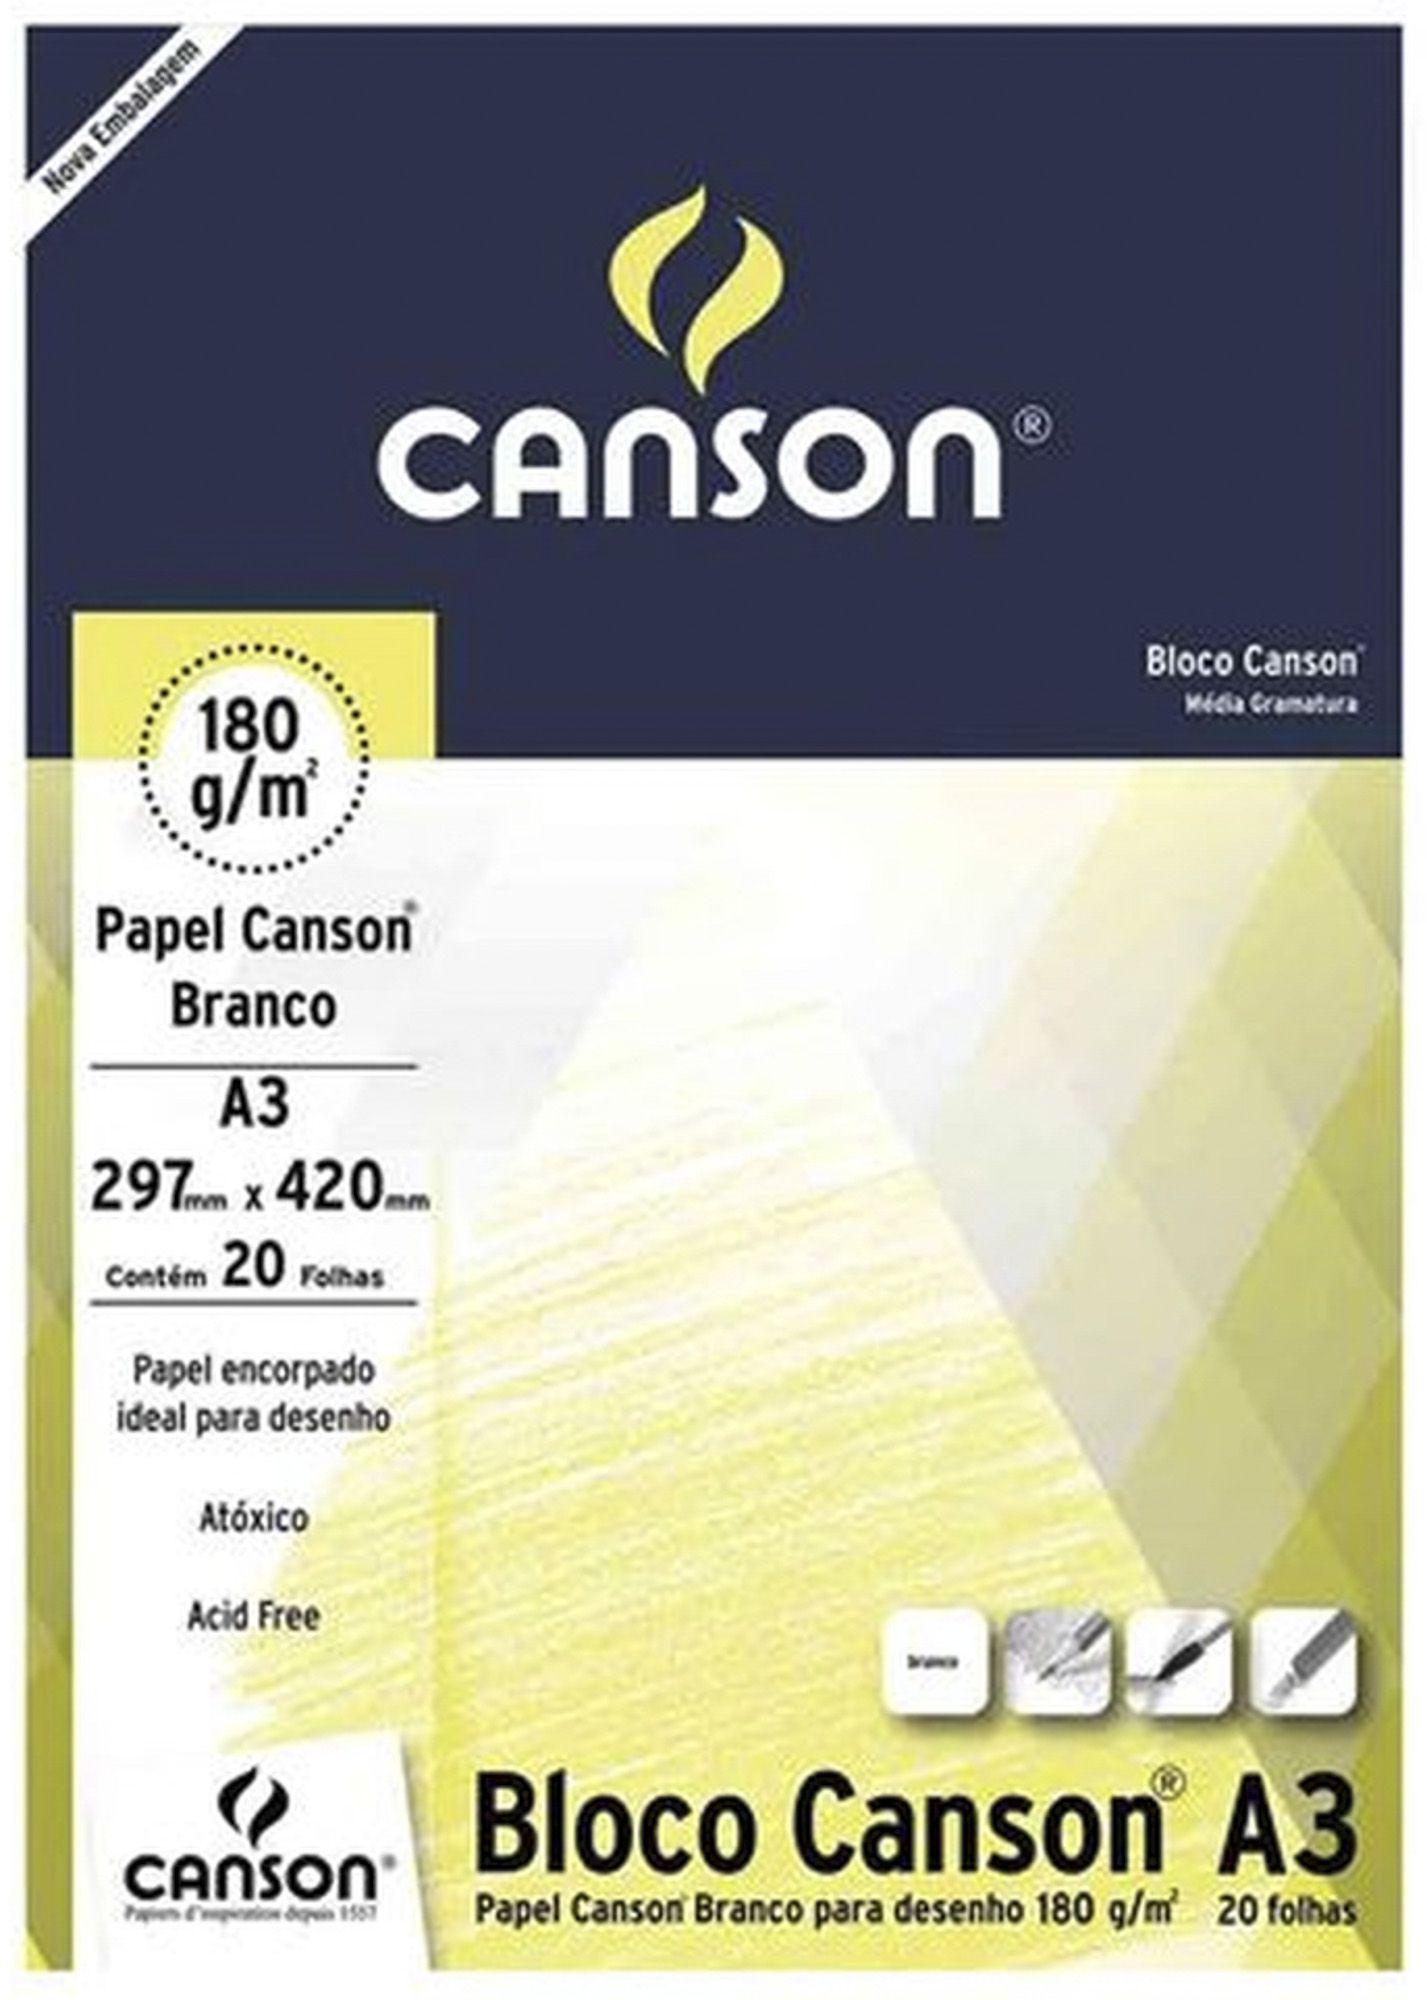 Bloco Canson Desenho Branco 180g/m² A3 297 x 420 mm com 20 Folhas